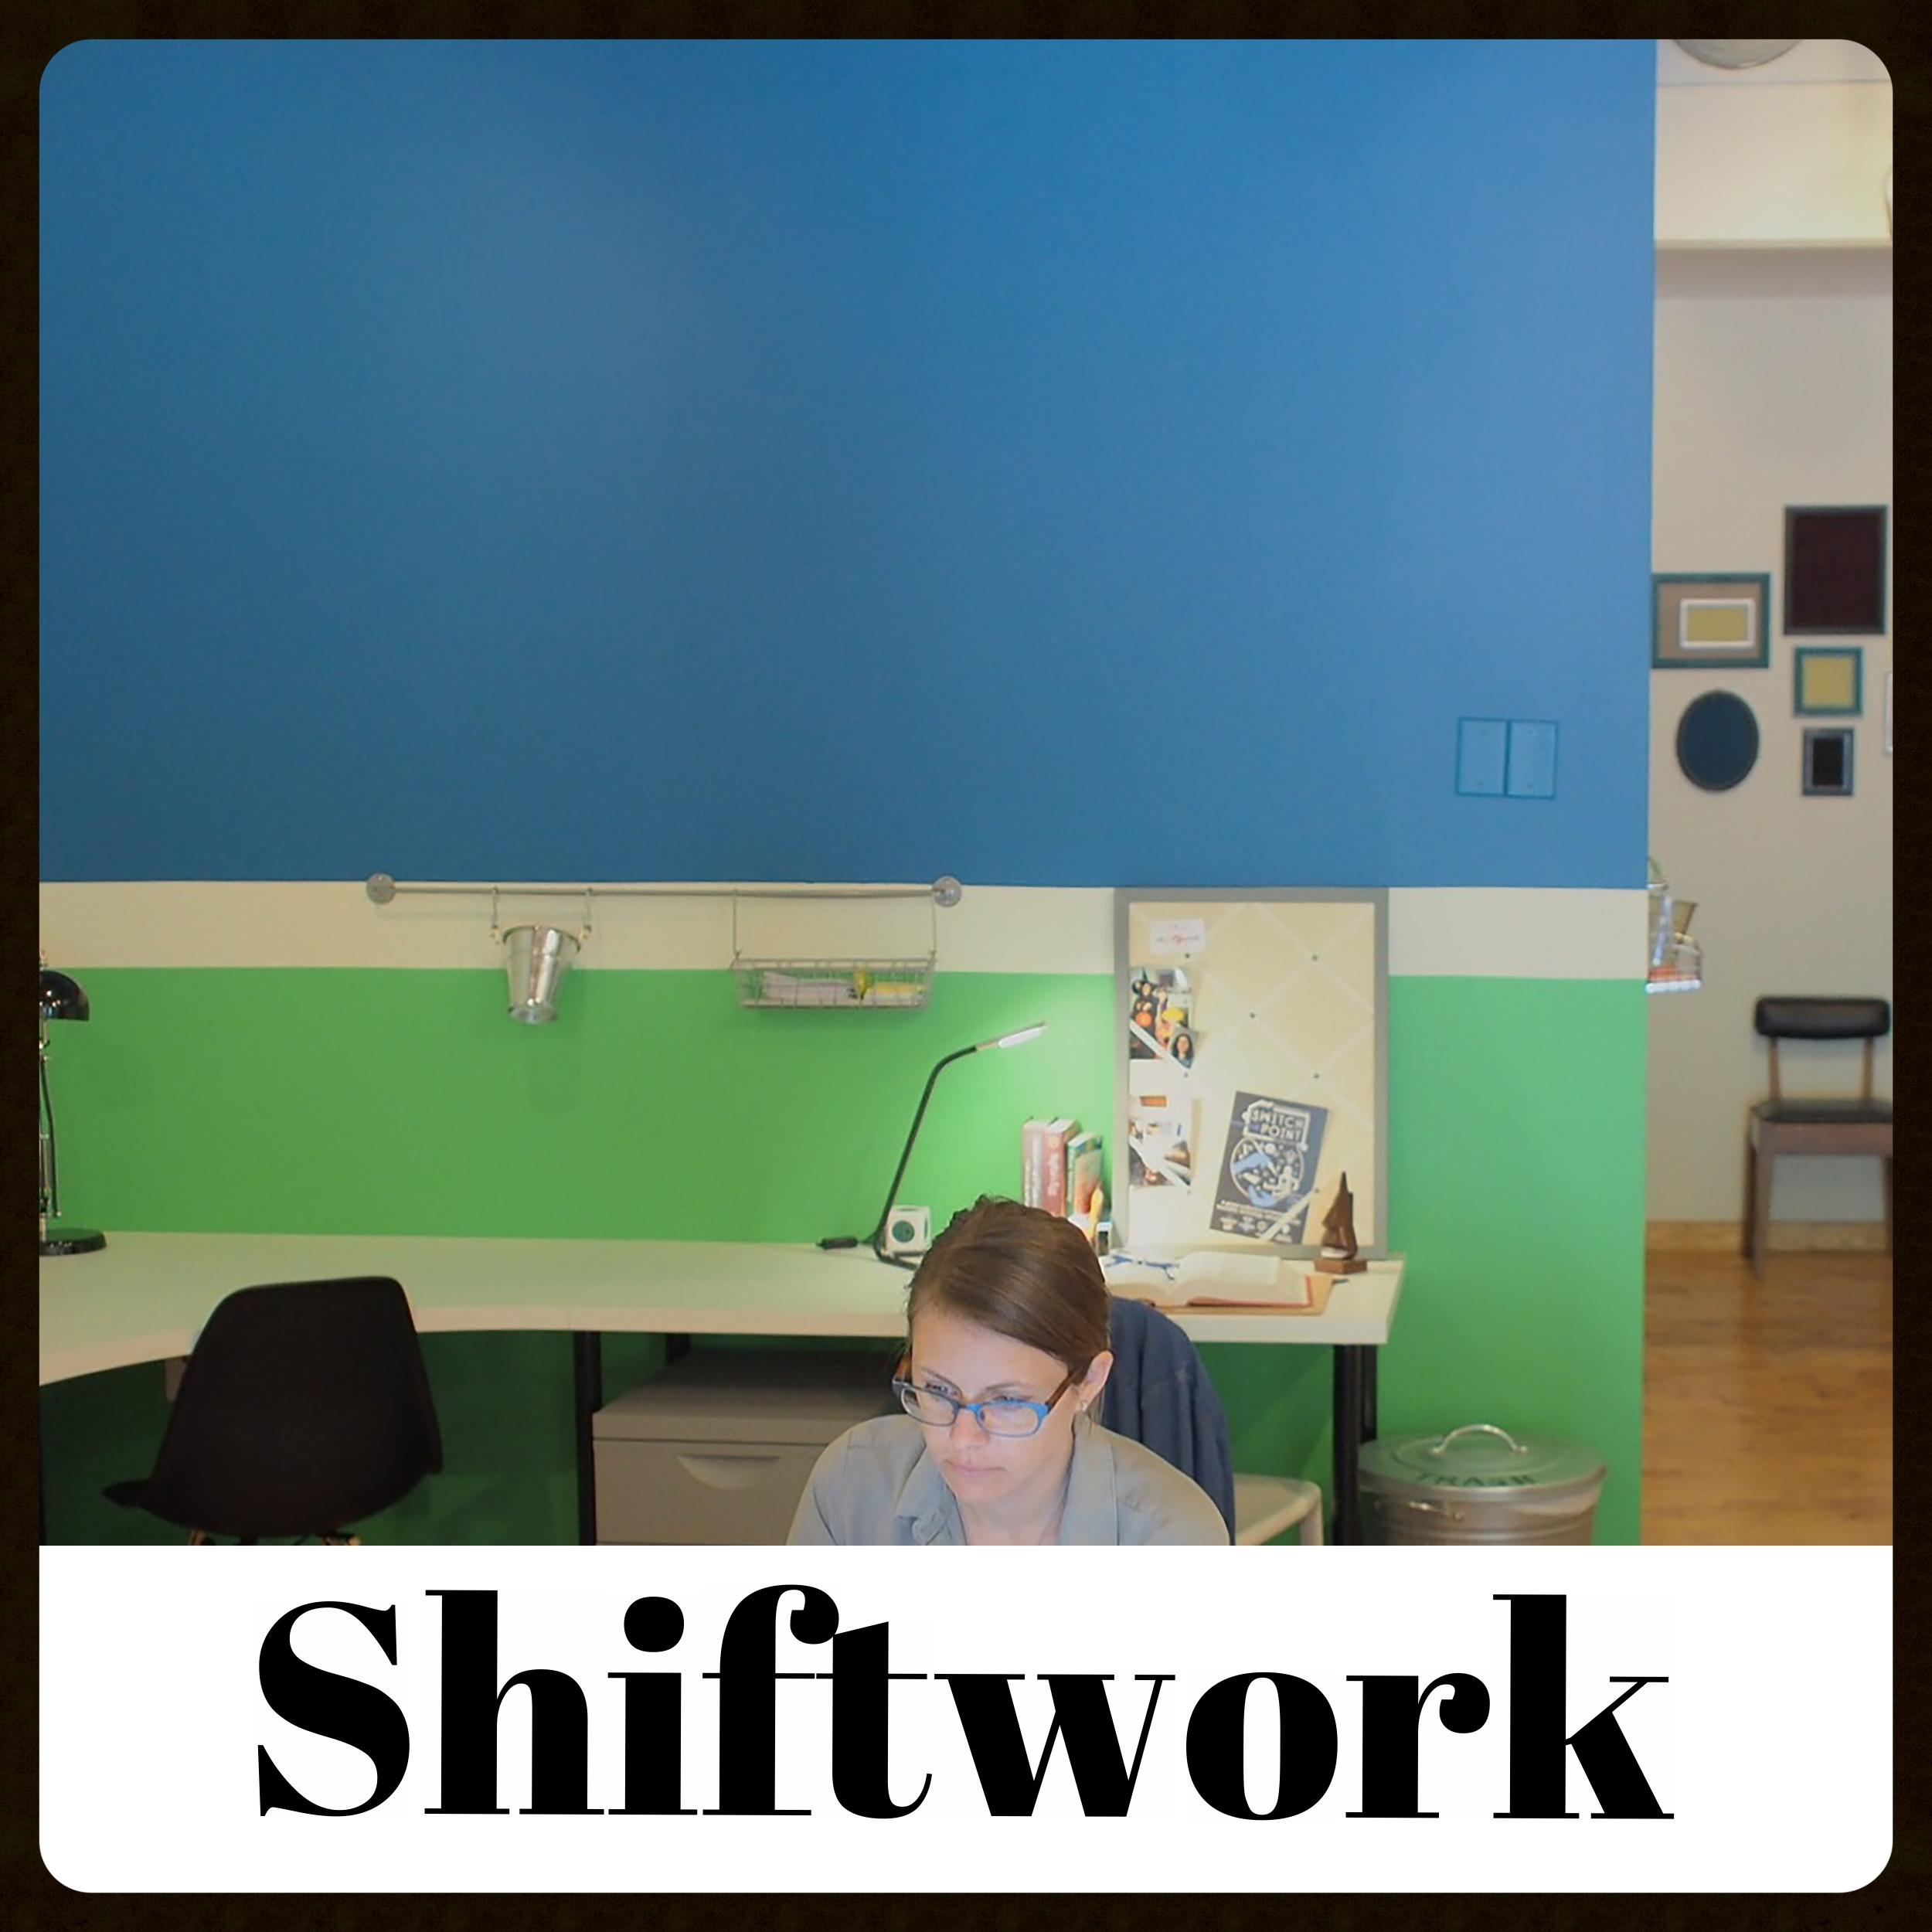 Shiftwork.jpg